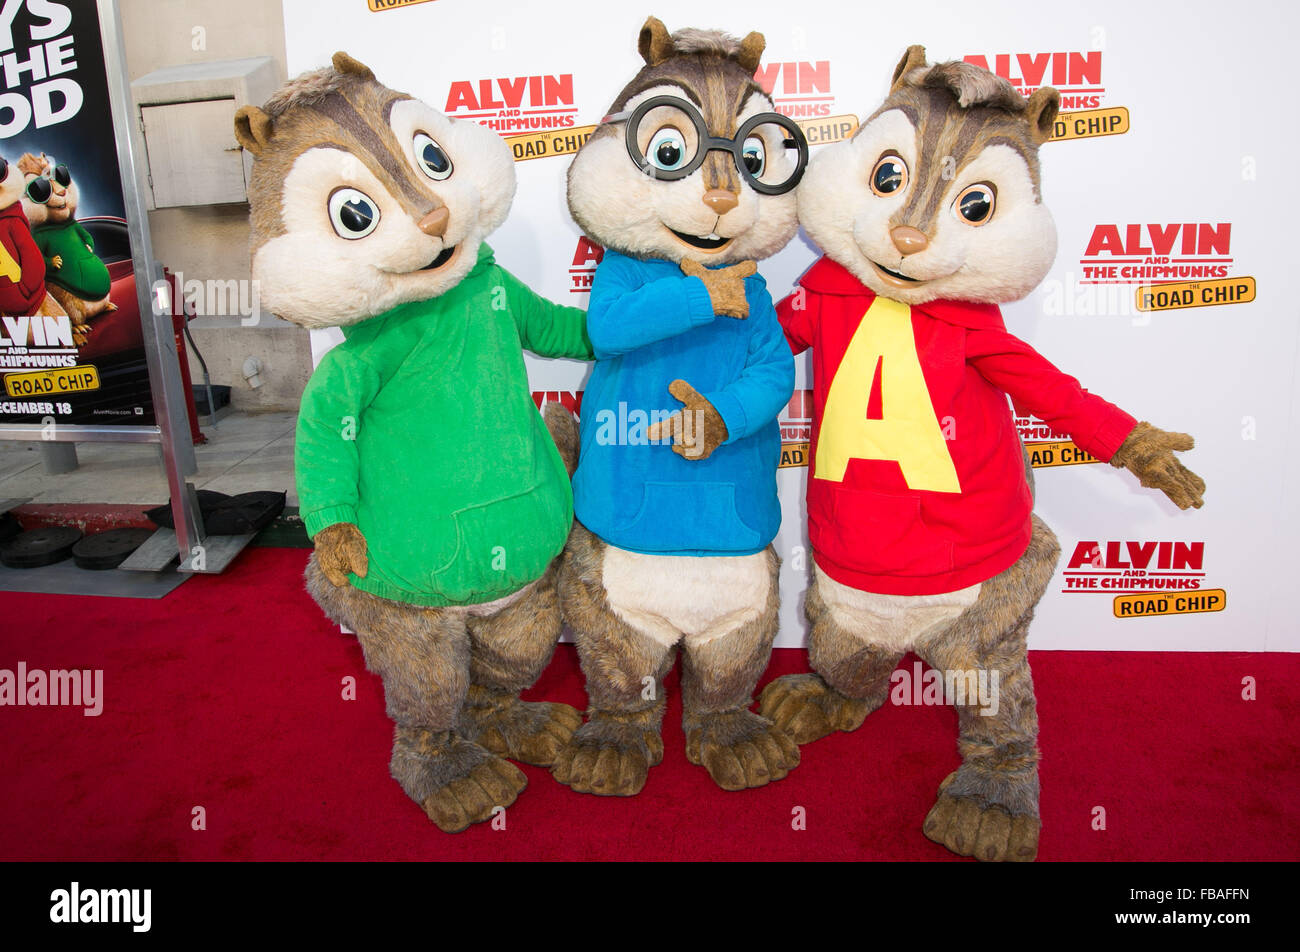 """""""Alvin y los Chipmunks: La carretera Chip' Estreno en el Darryl F. Zanuck Theatre con: Alvin y los Chipmunks donde: Los Angeles, California, Estados Unidos Cuándo: 12 dic 2015 Foto de stock"""